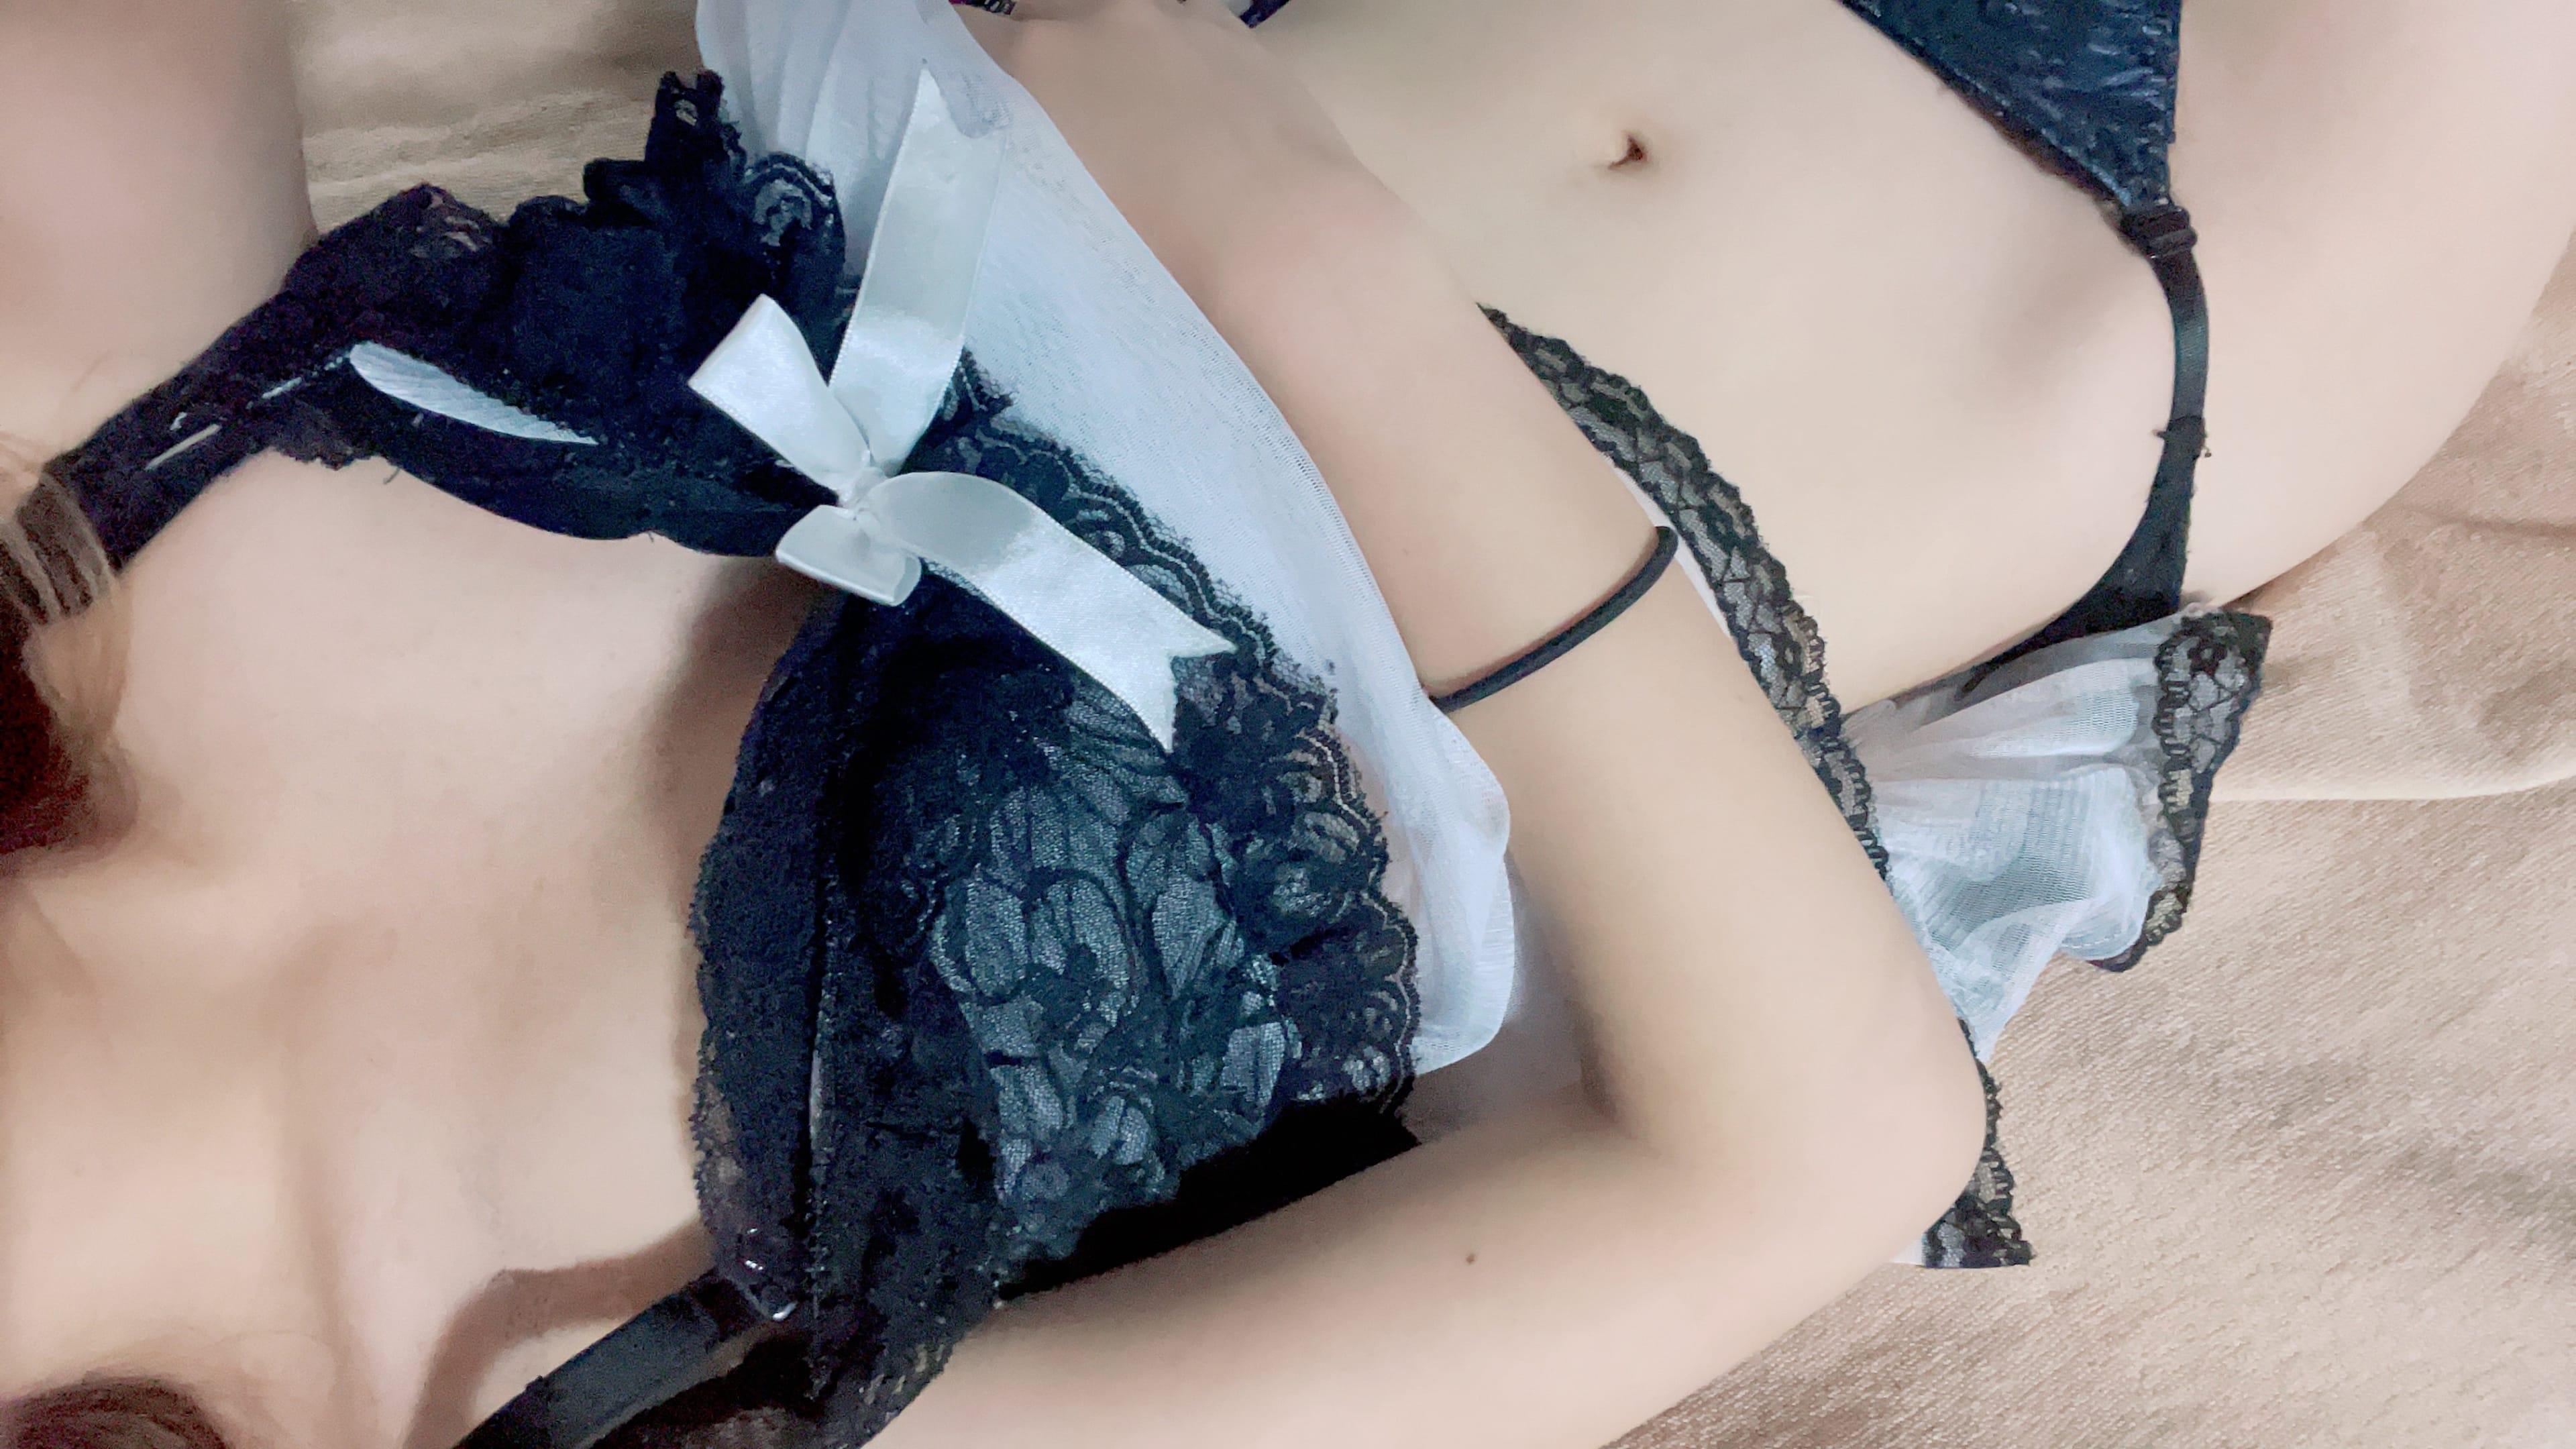 「ルームでお待ちしております♡」10/23(土) 21:15   一華-ICHIKA-の写メ日記